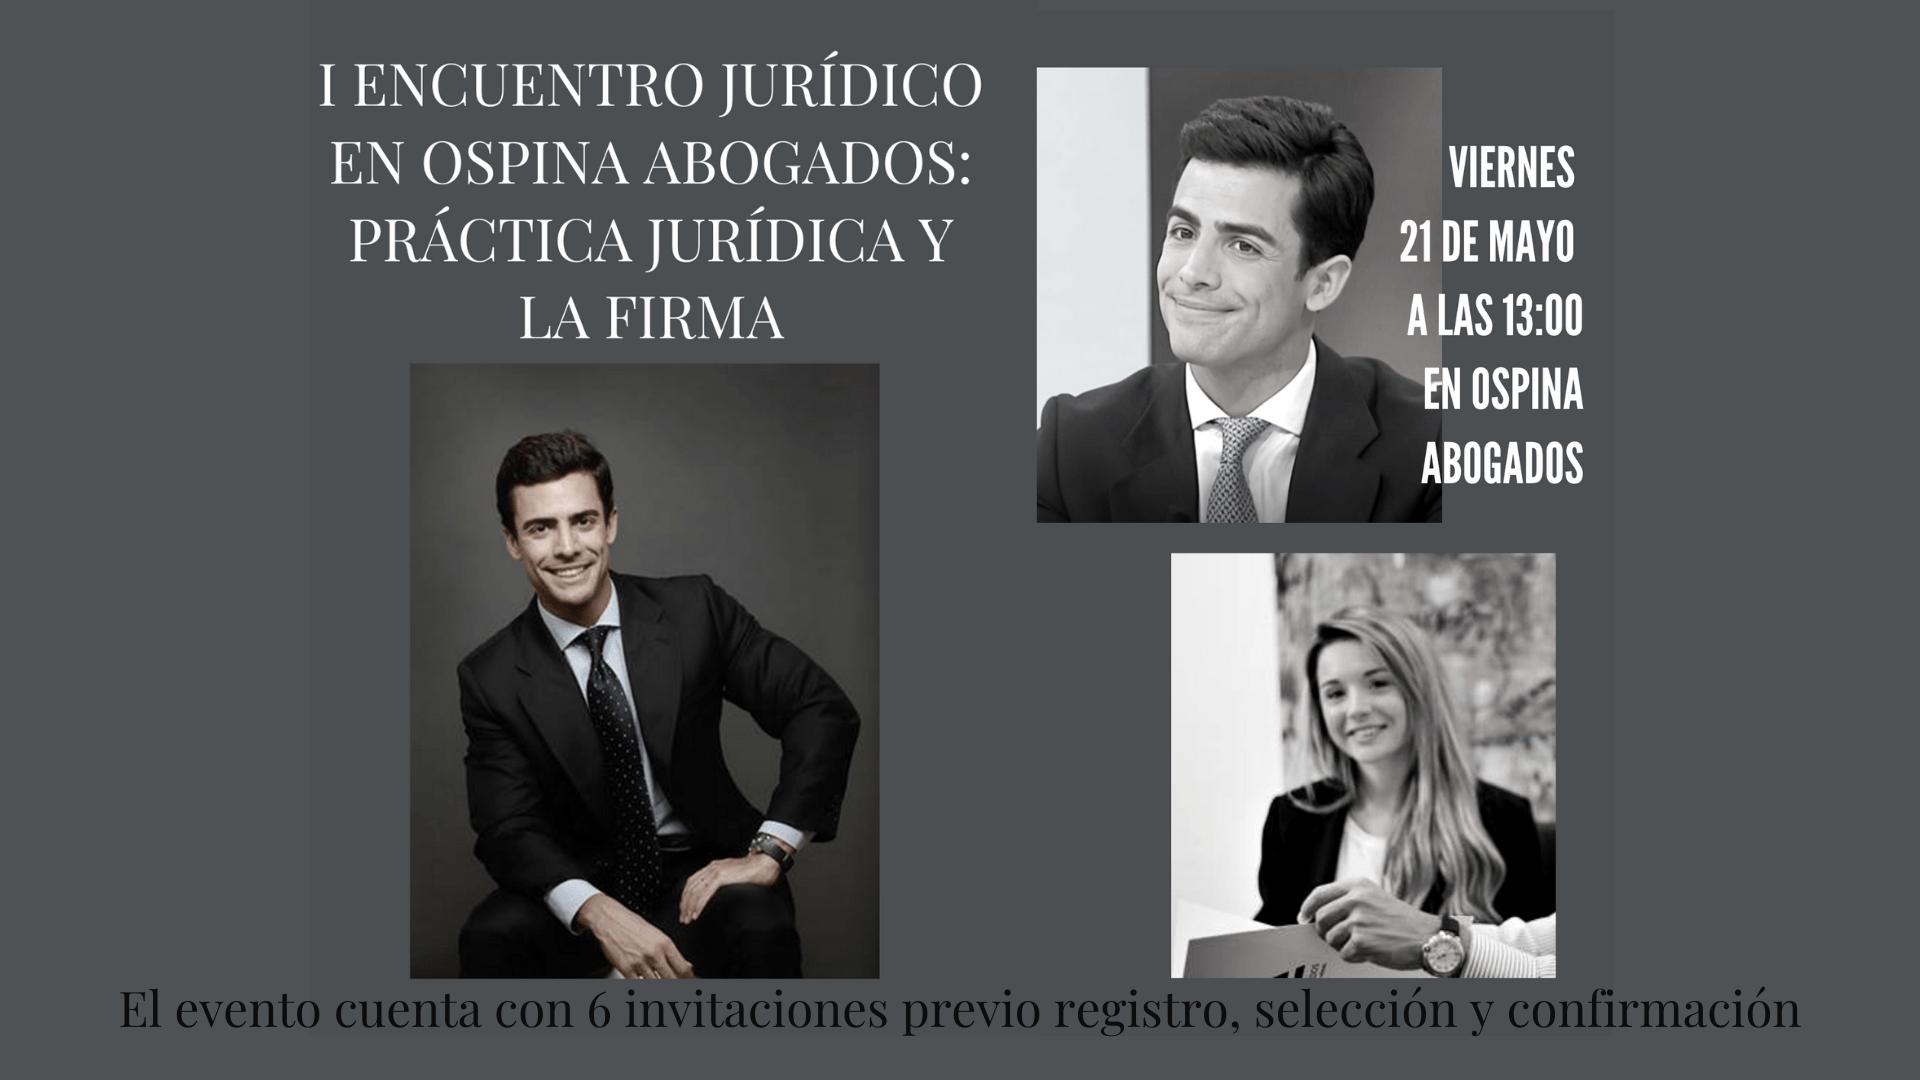 I Encuentro Jurídico en Ospina Abogados